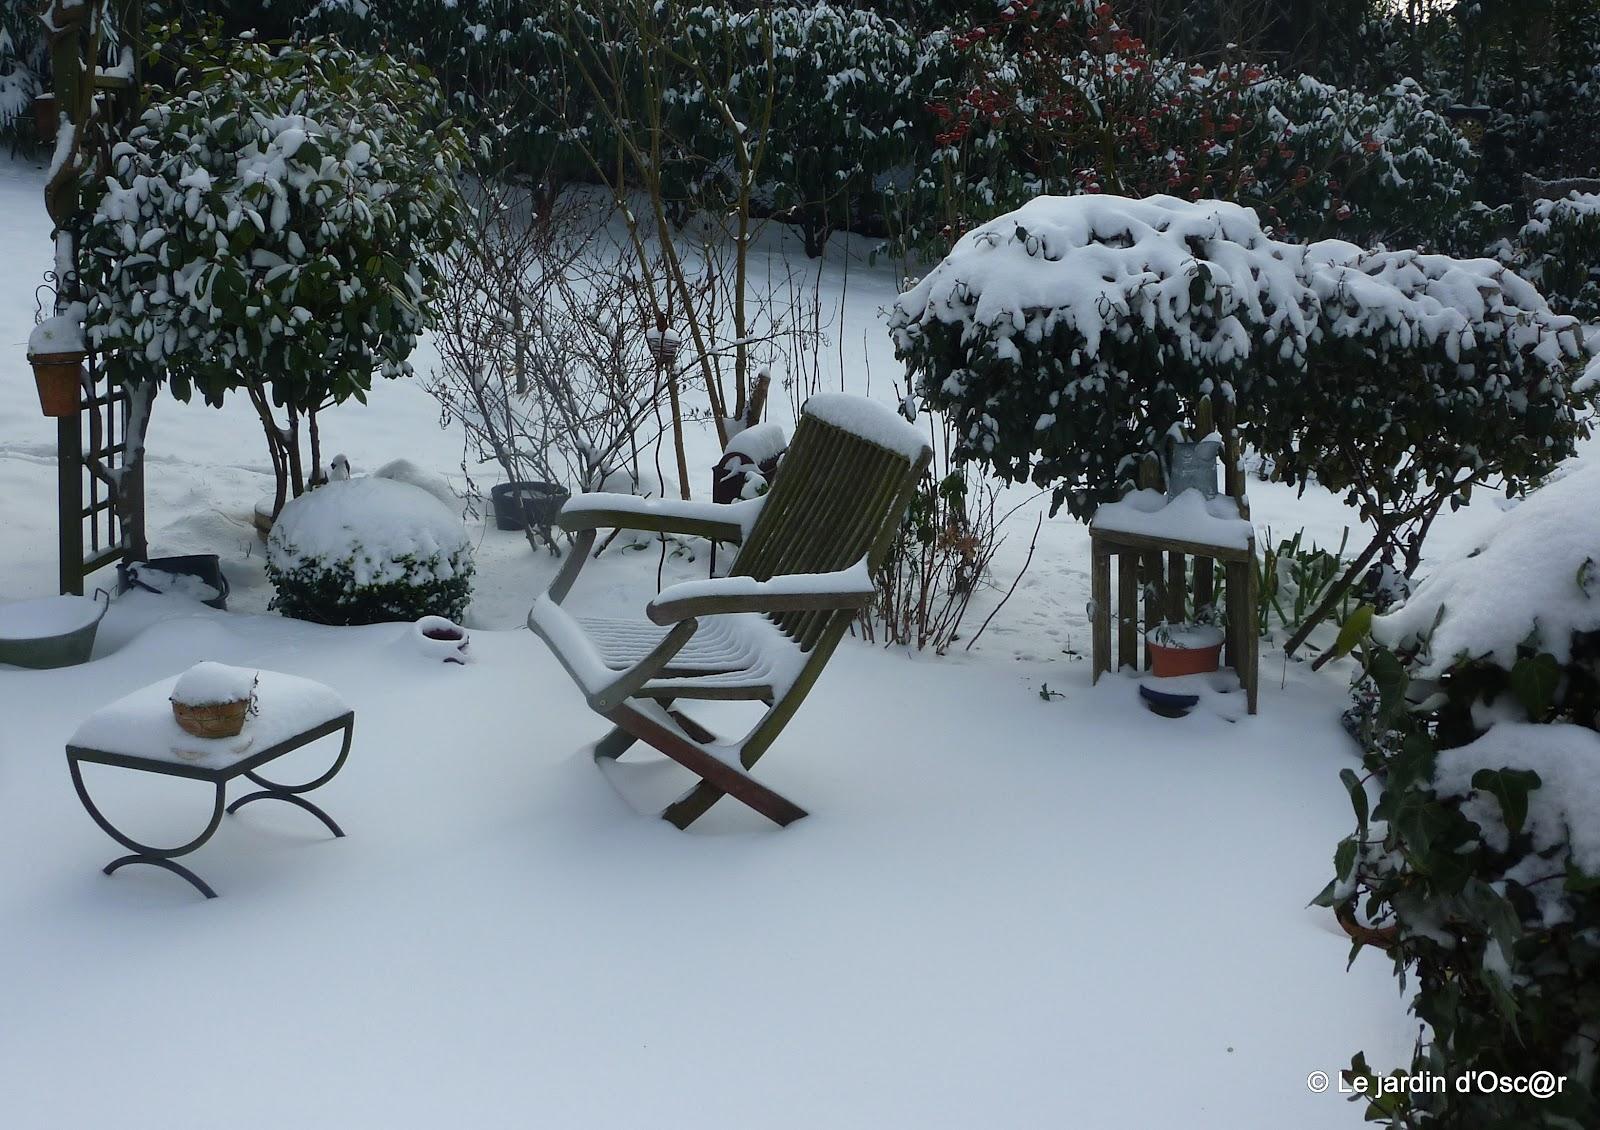 le jardin d 39 oscar blanche neige. Black Bedroom Furniture Sets. Home Design Ideas